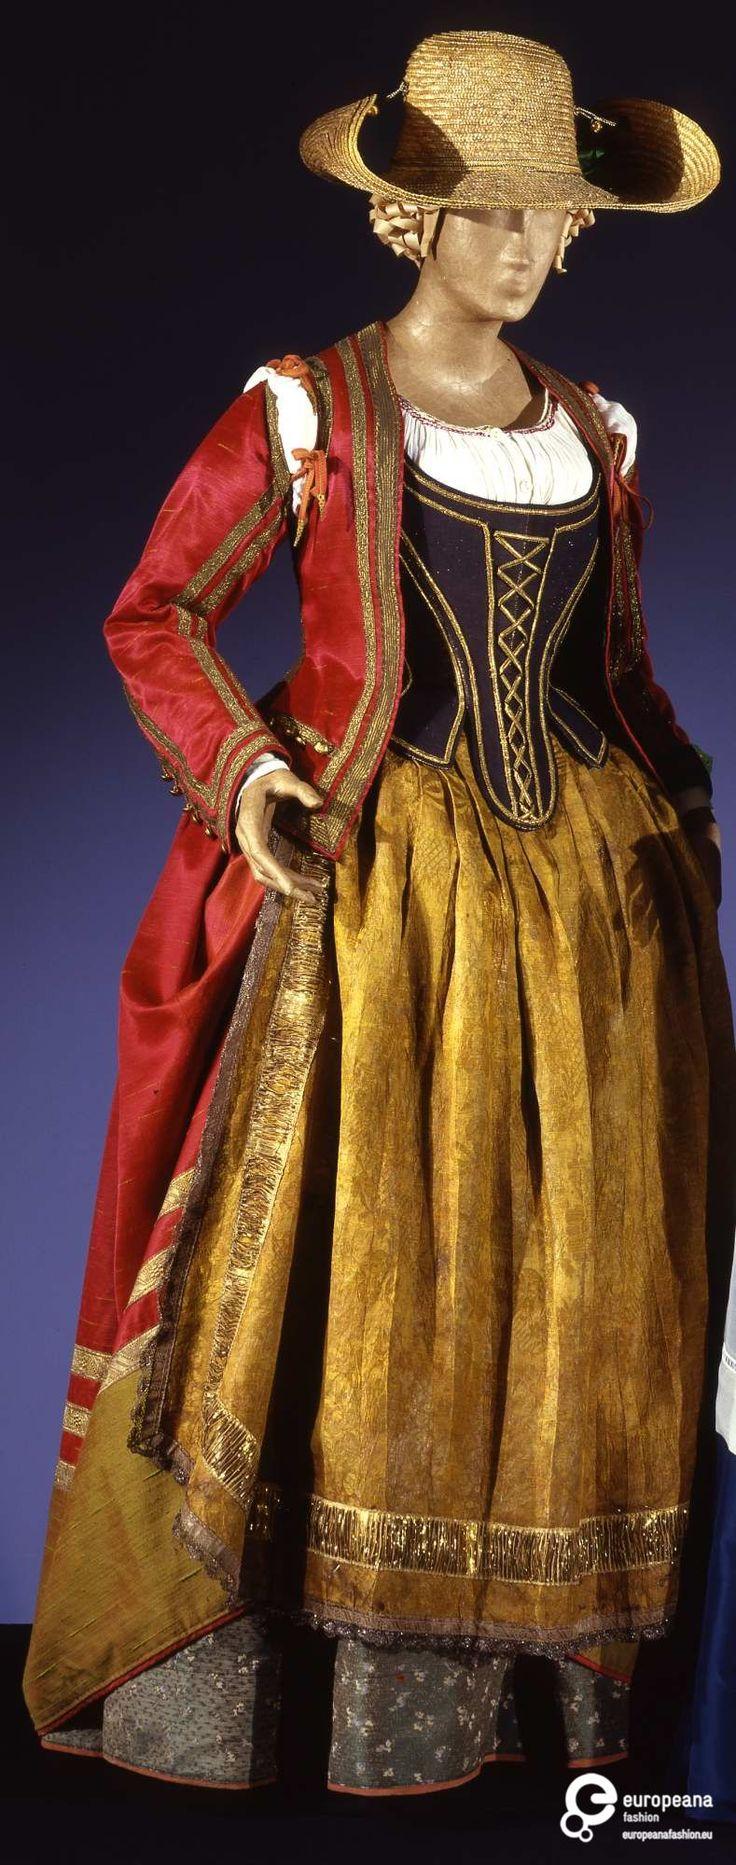 Costume designed by Piero Tosi and worn by Laura Antonelli in Il malato immaginario, by Tonino Cervi, 1979. Courtesy Galleria del Costume di Palazzo Pitti, all rights reserved.